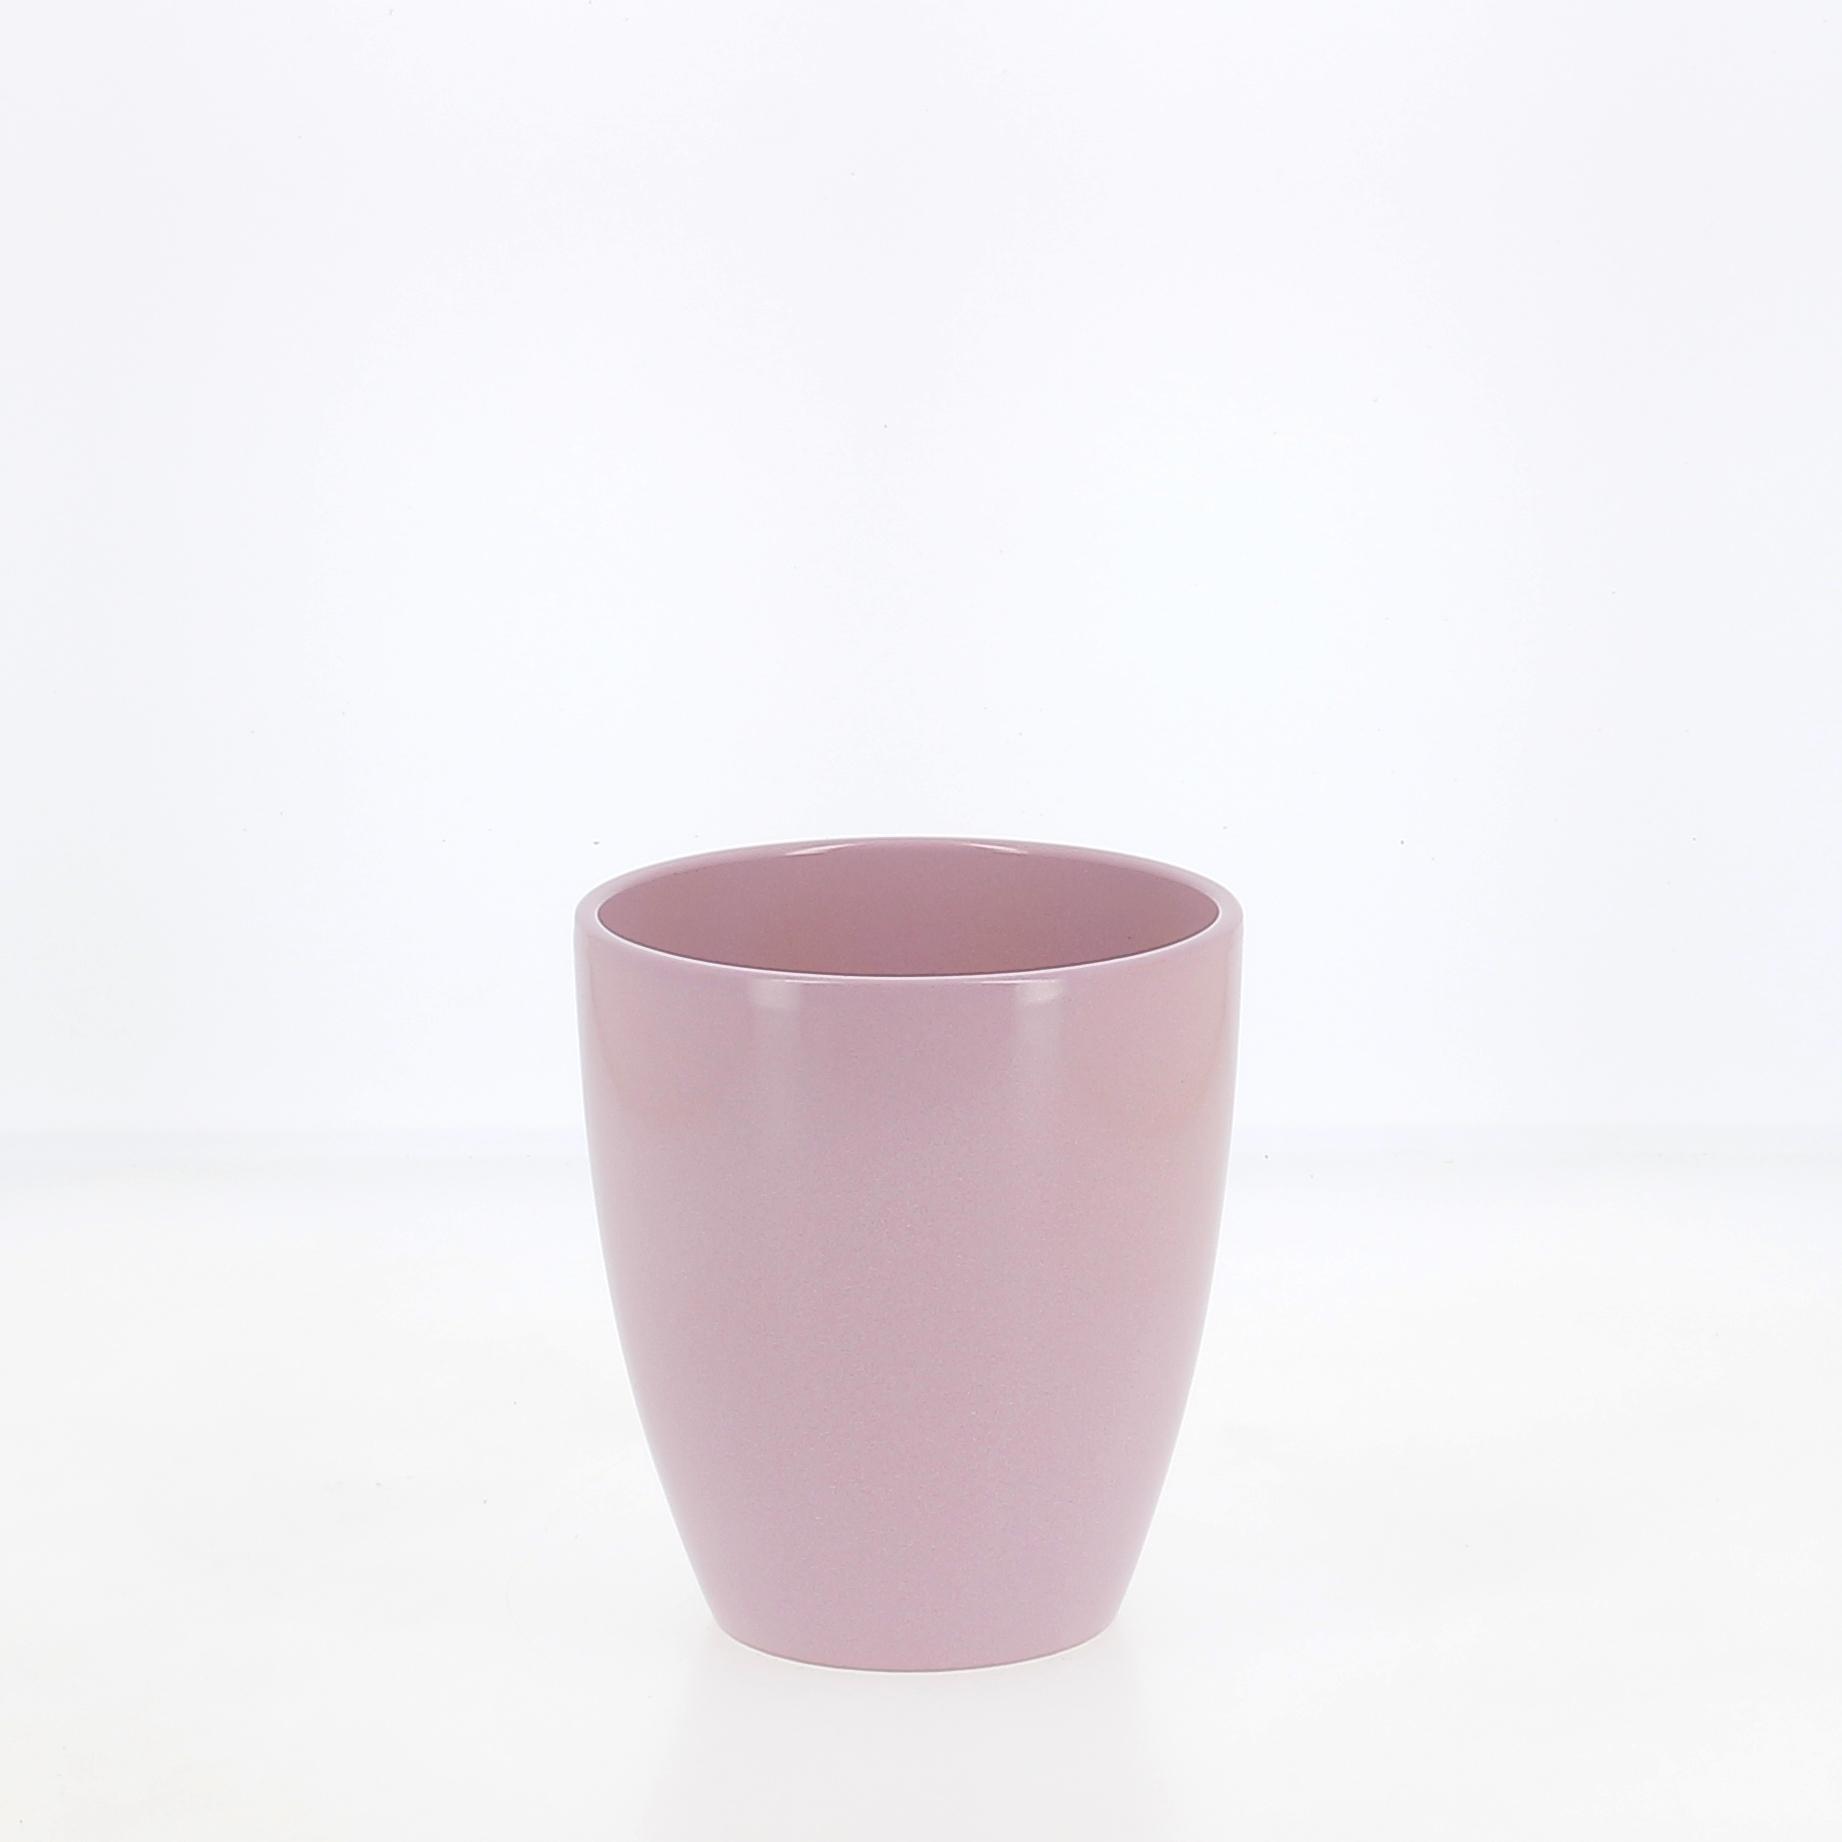 vaso cashmere rose